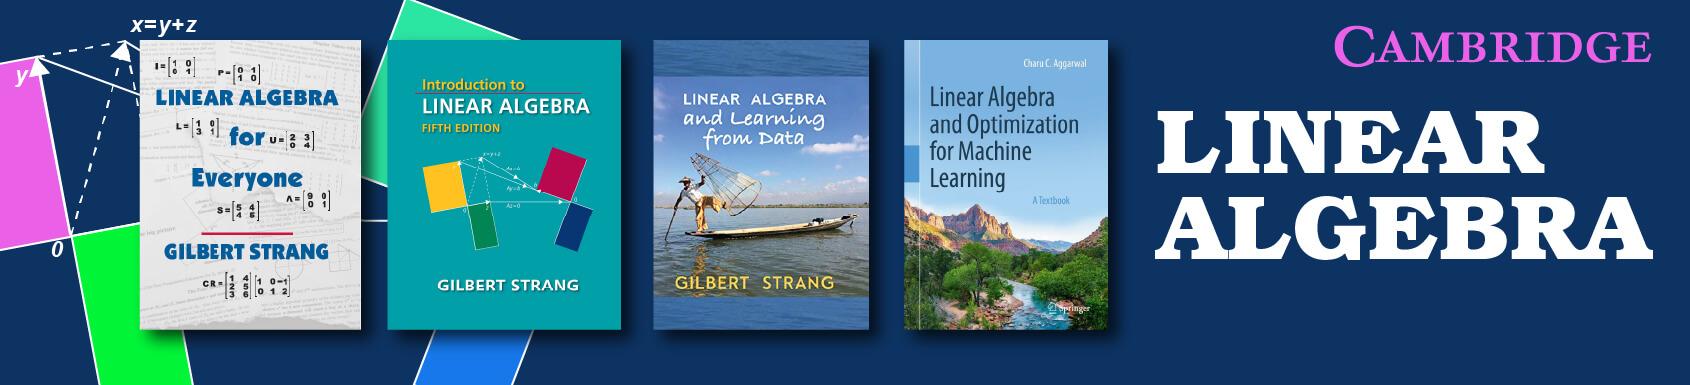 線性代數 Linear-algebra